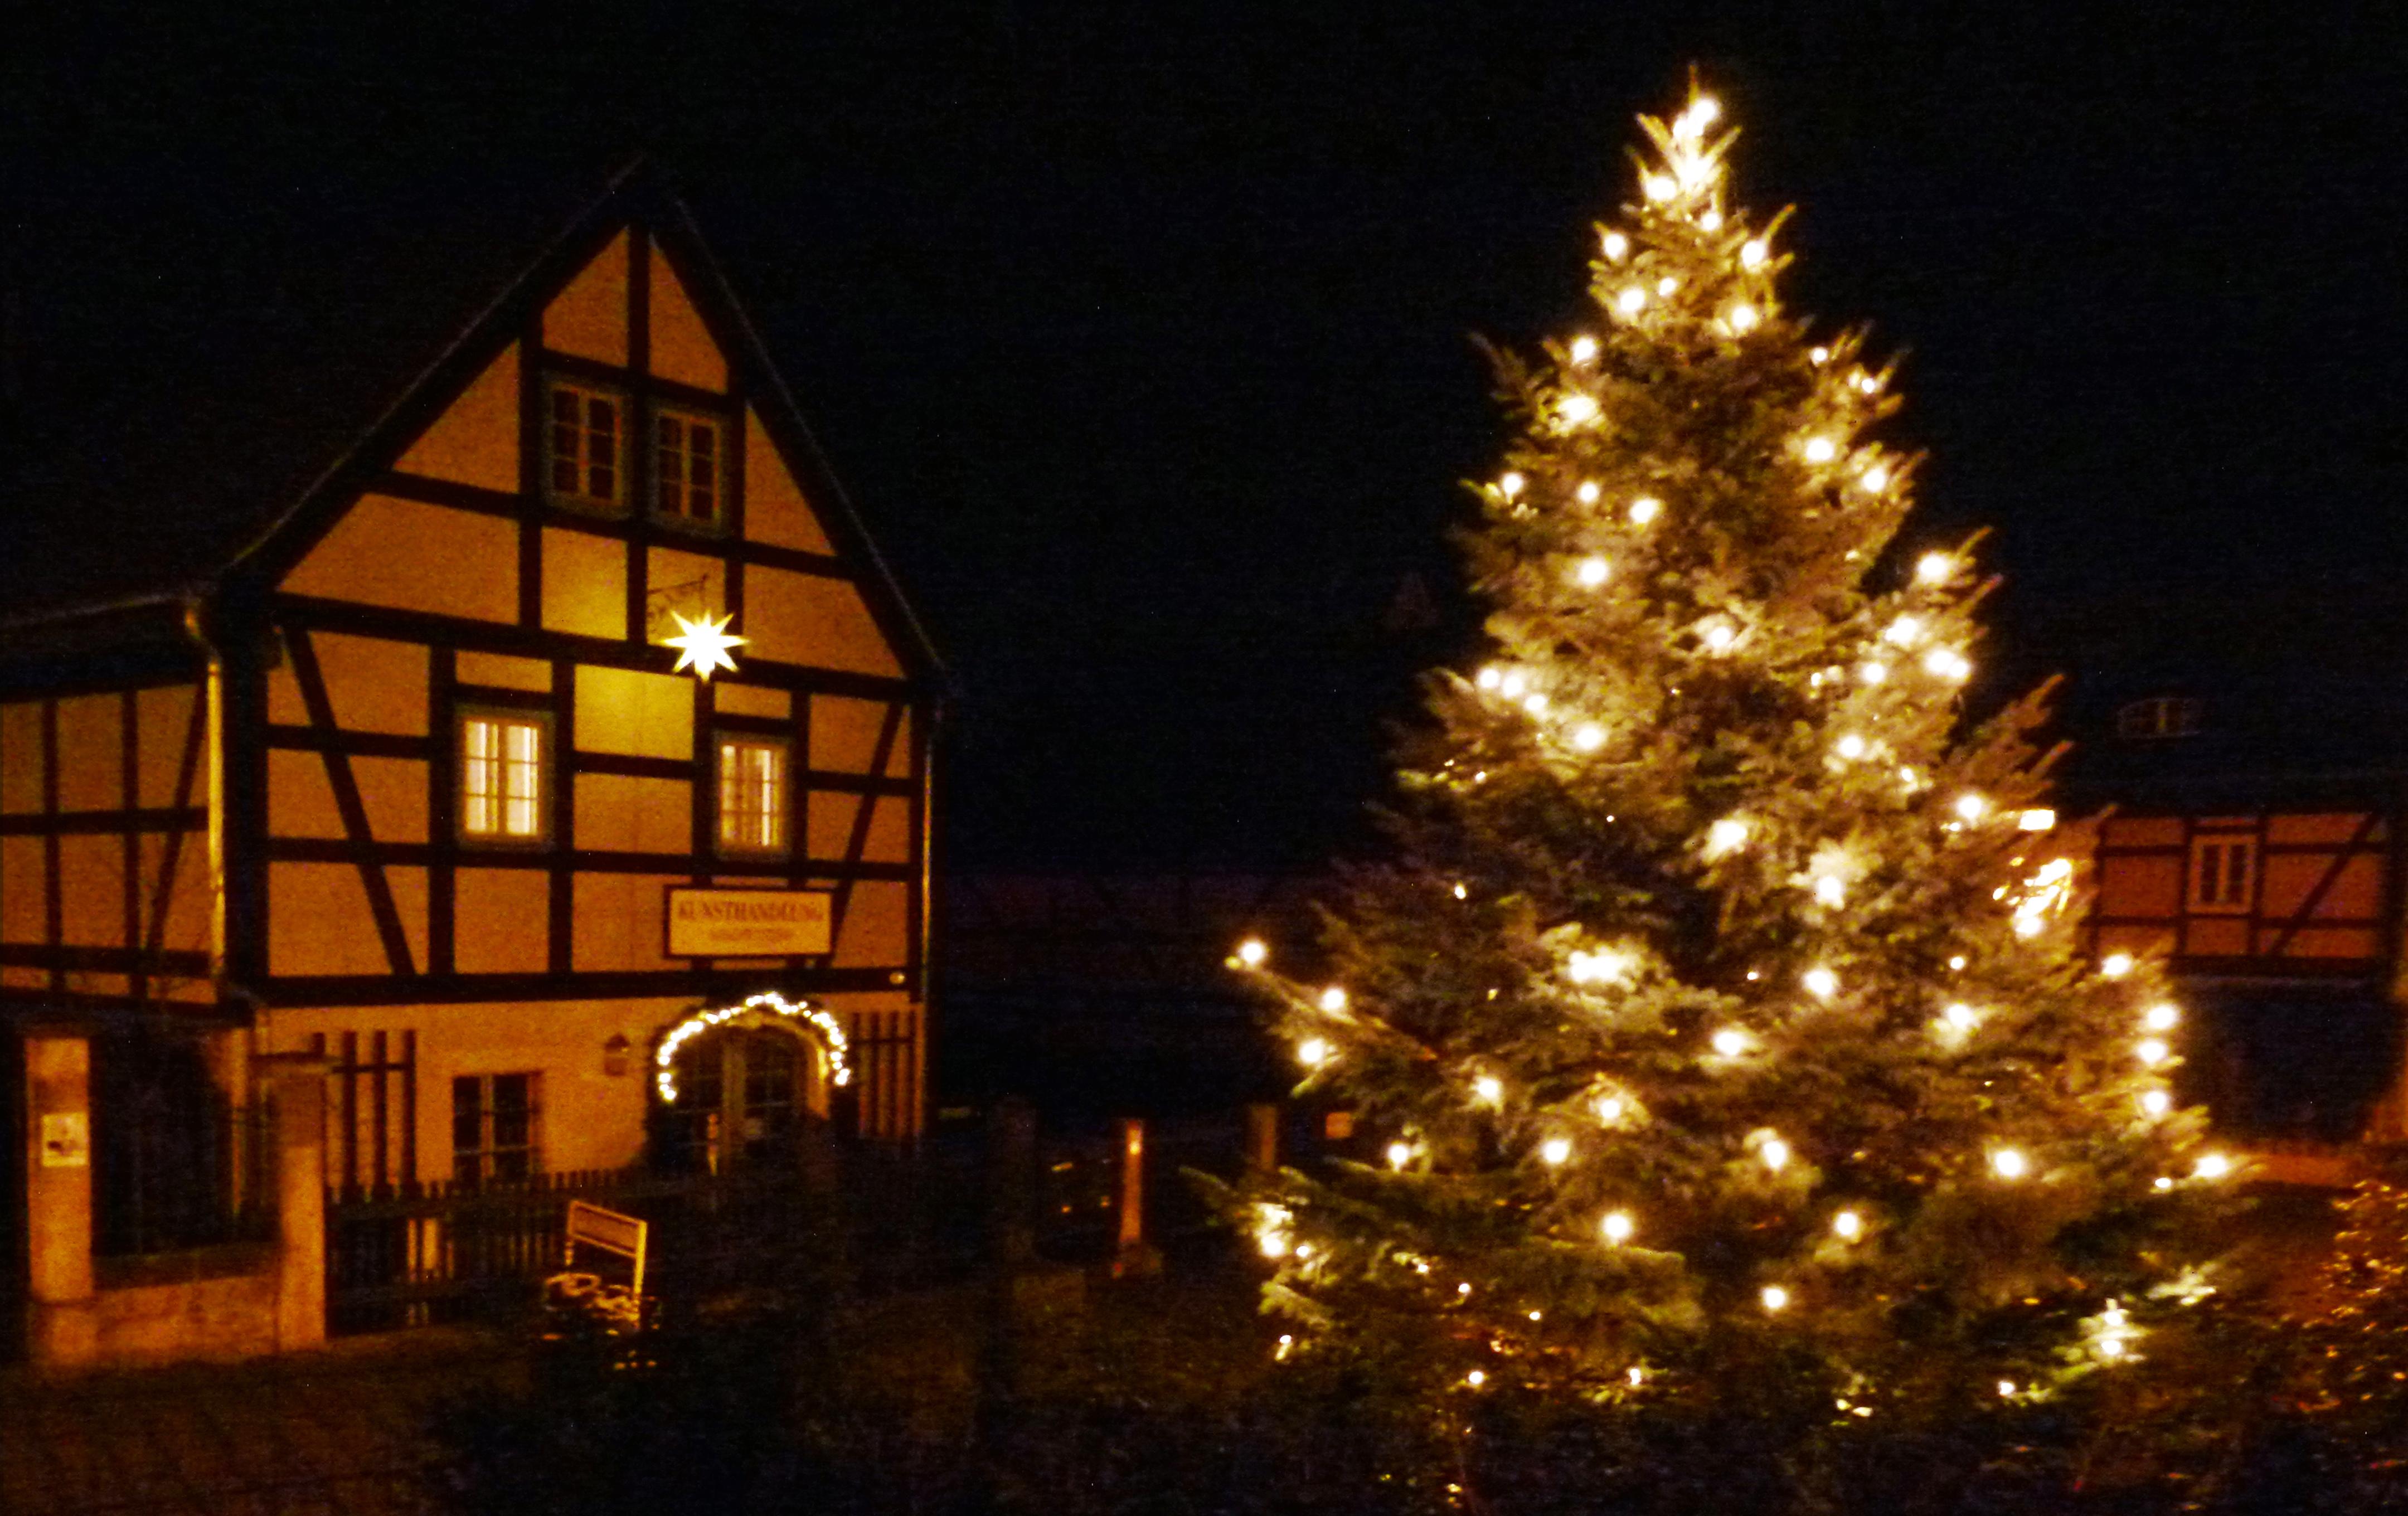 file fachwerkhaus mit weihnachtsbaum in. Black Bedroom Furniture Sets. Home Design Ideas